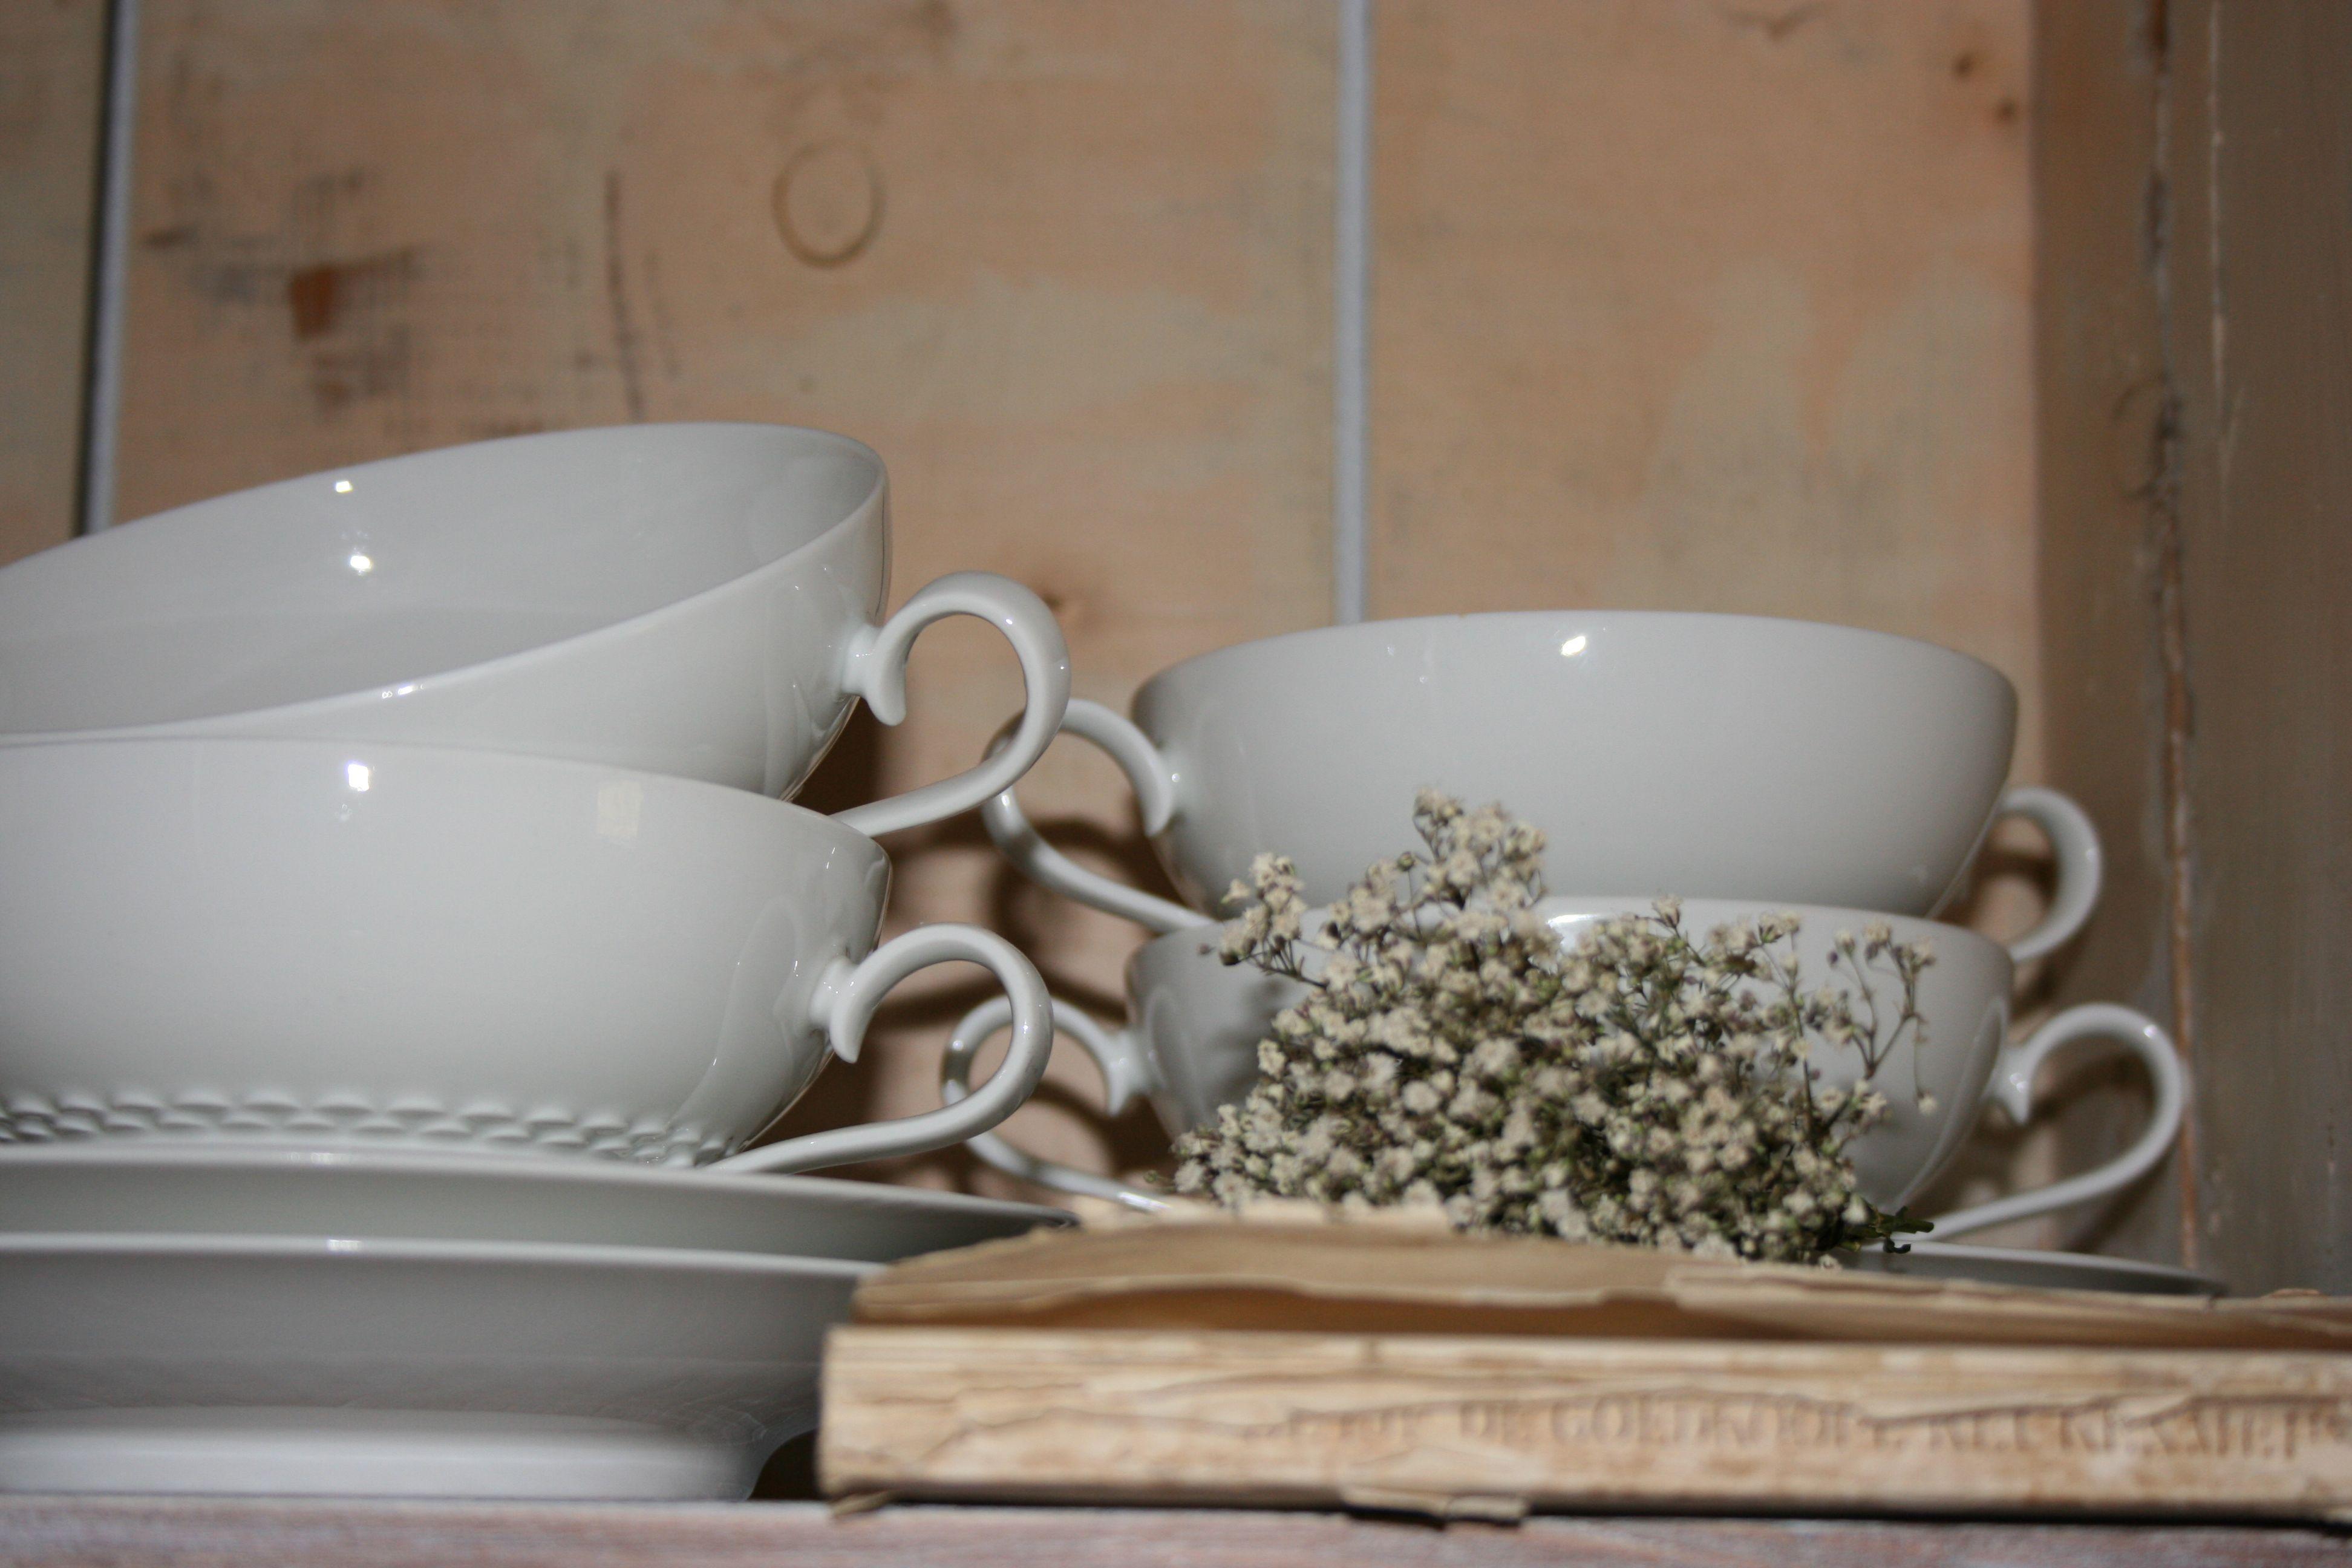 brocante soepkommen doen nu dienst als theekop